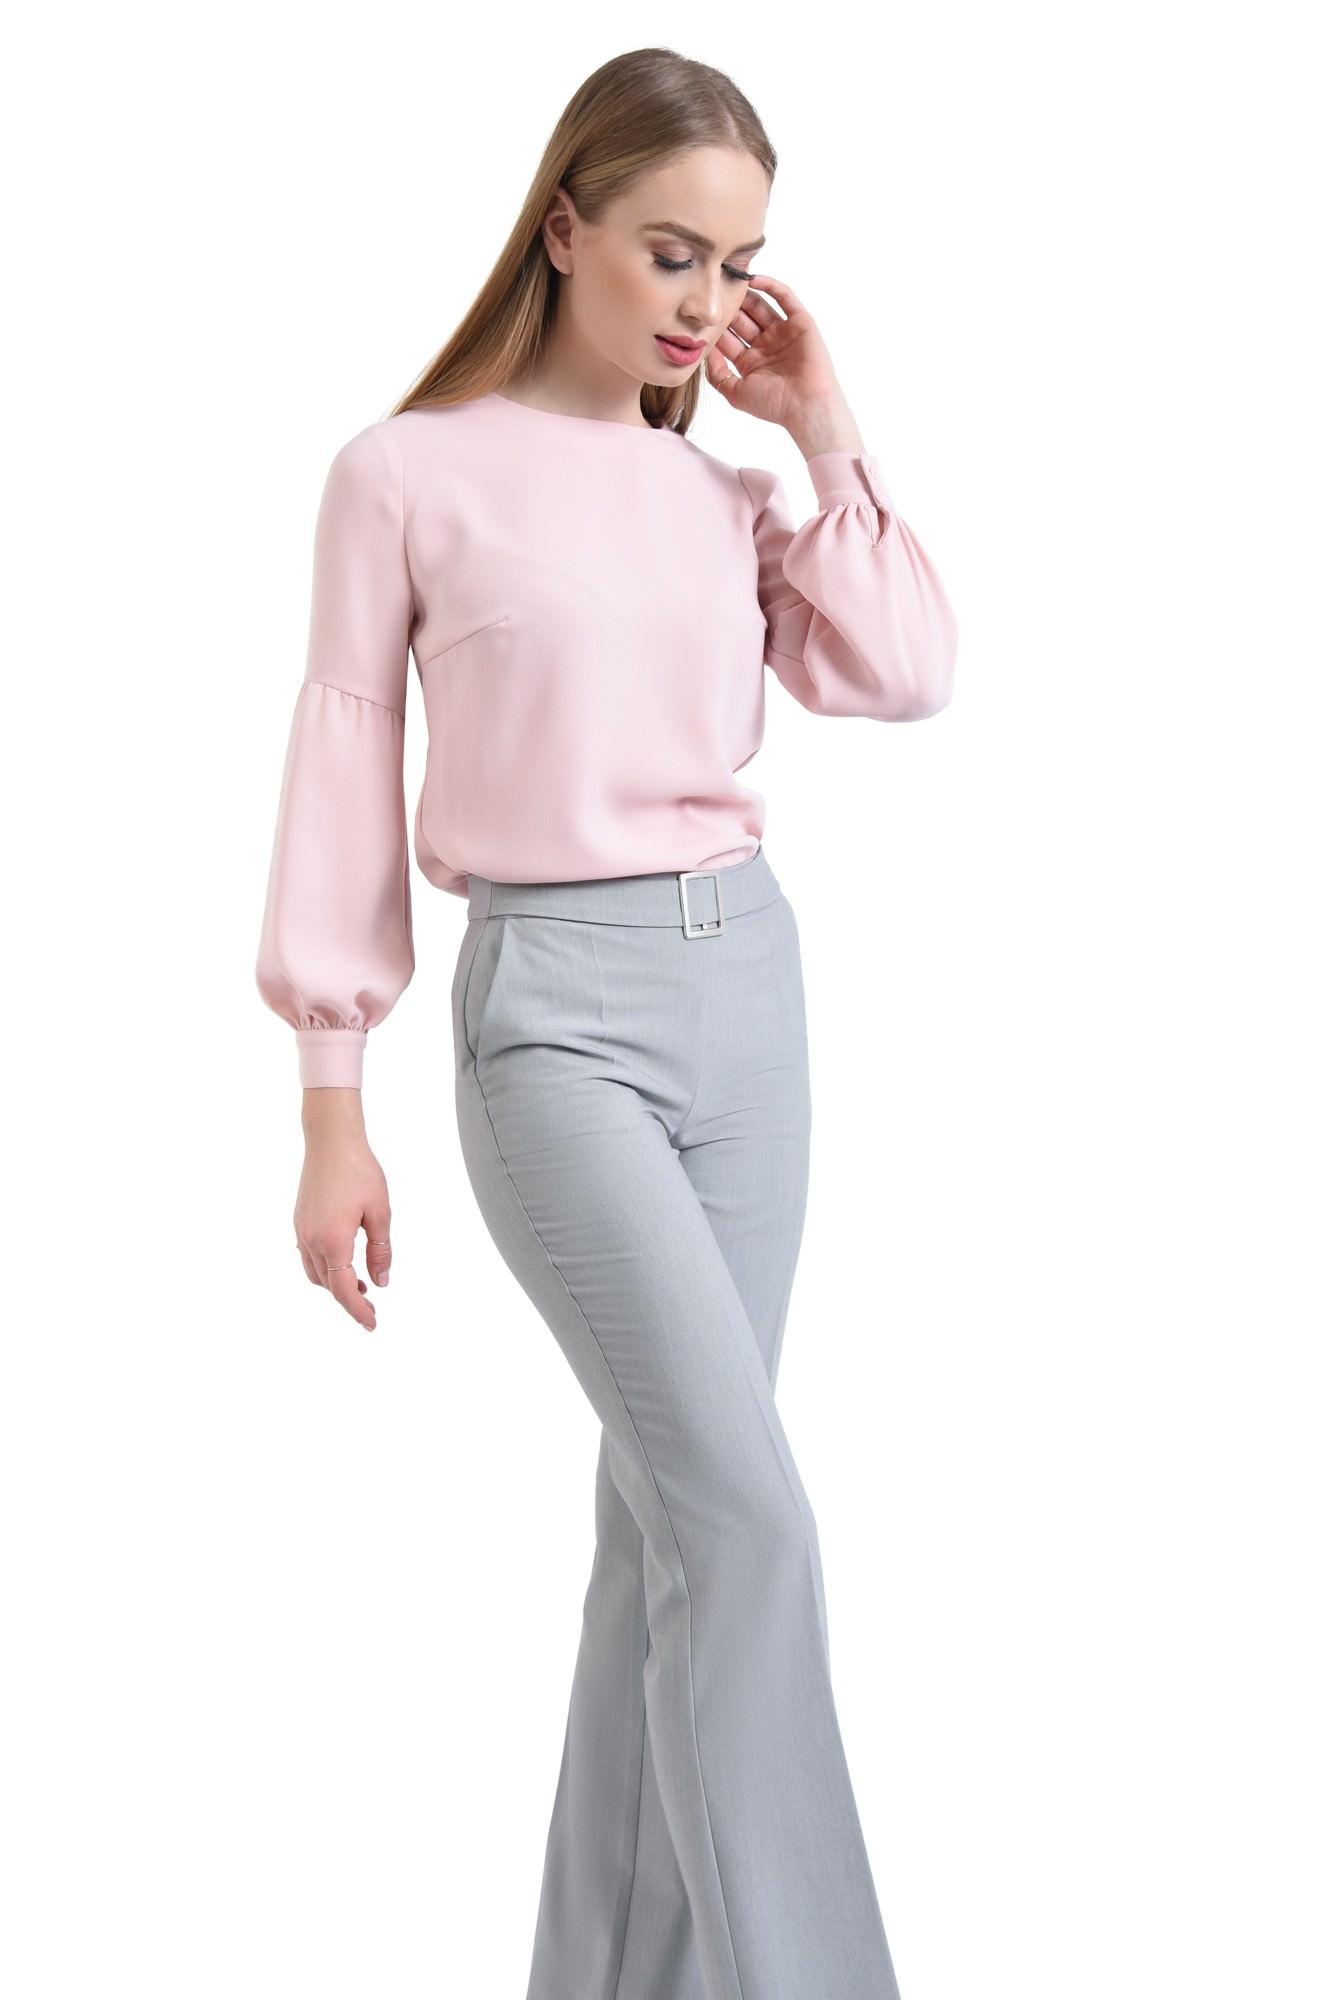 0 - Bluza casual, roz, maneci lungi